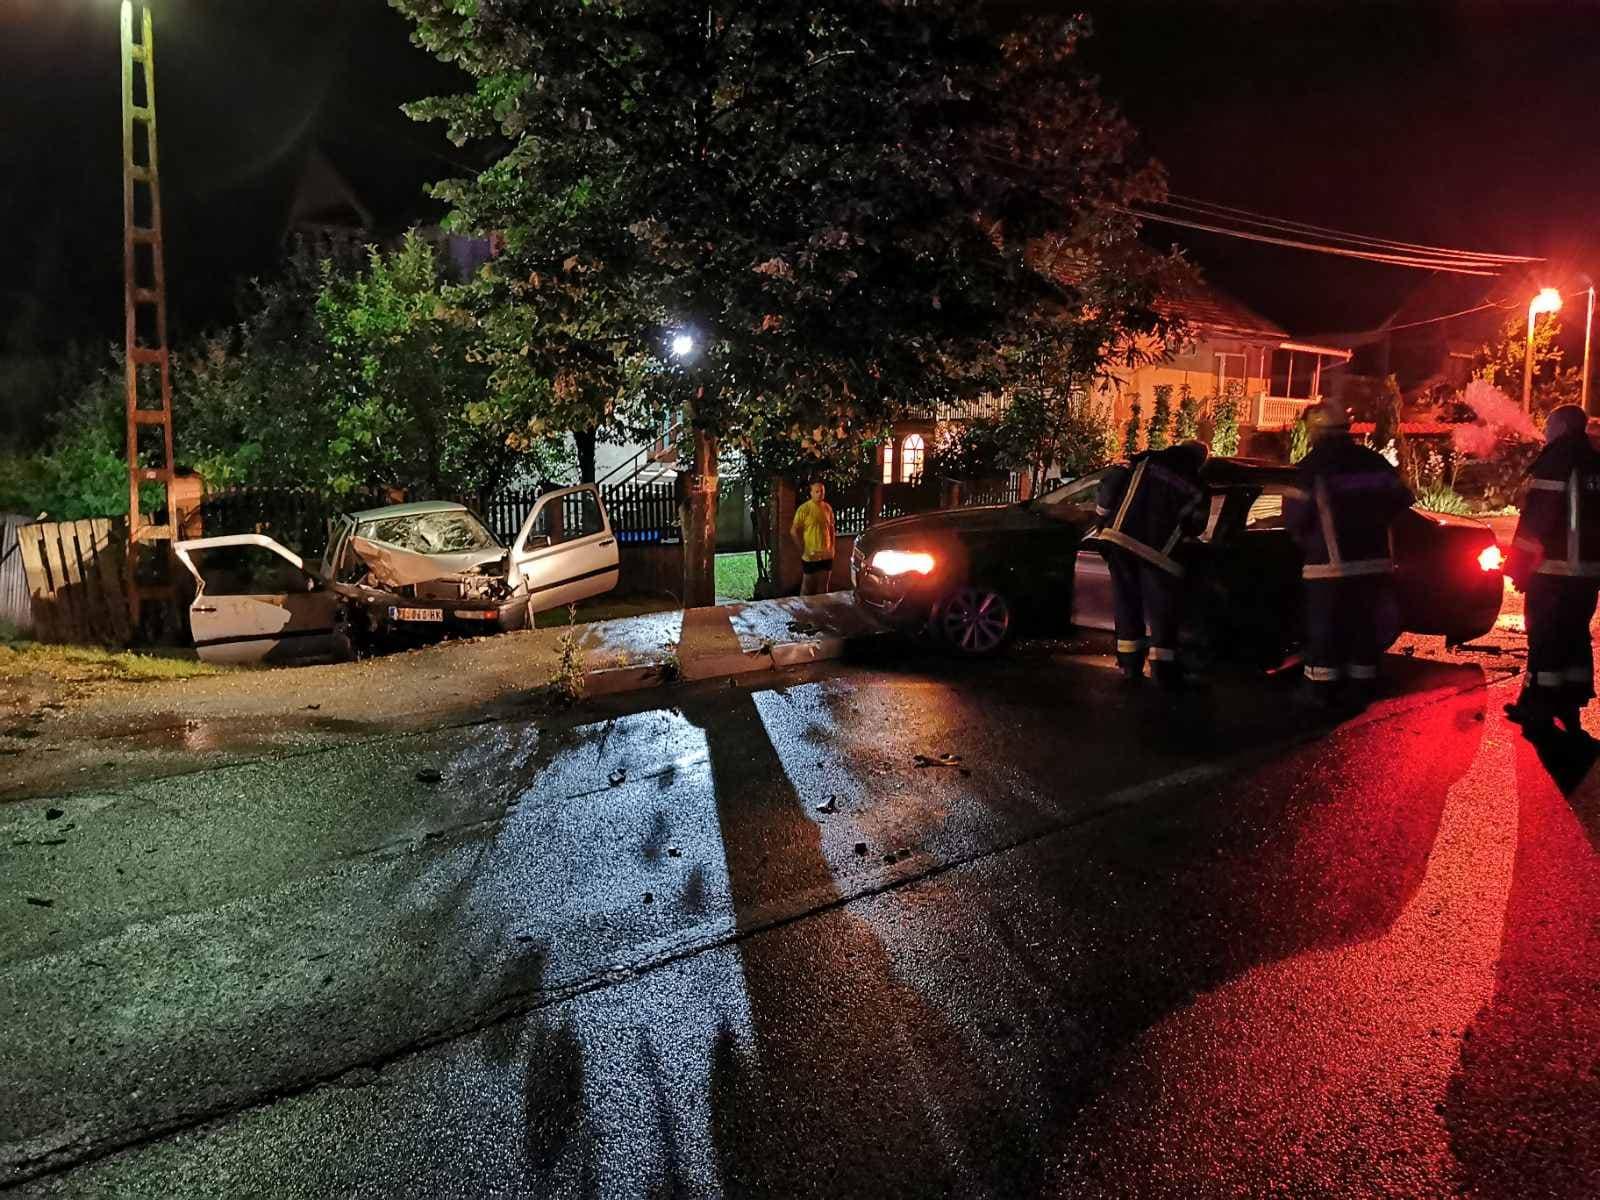 fotografija sa mesta nesreće